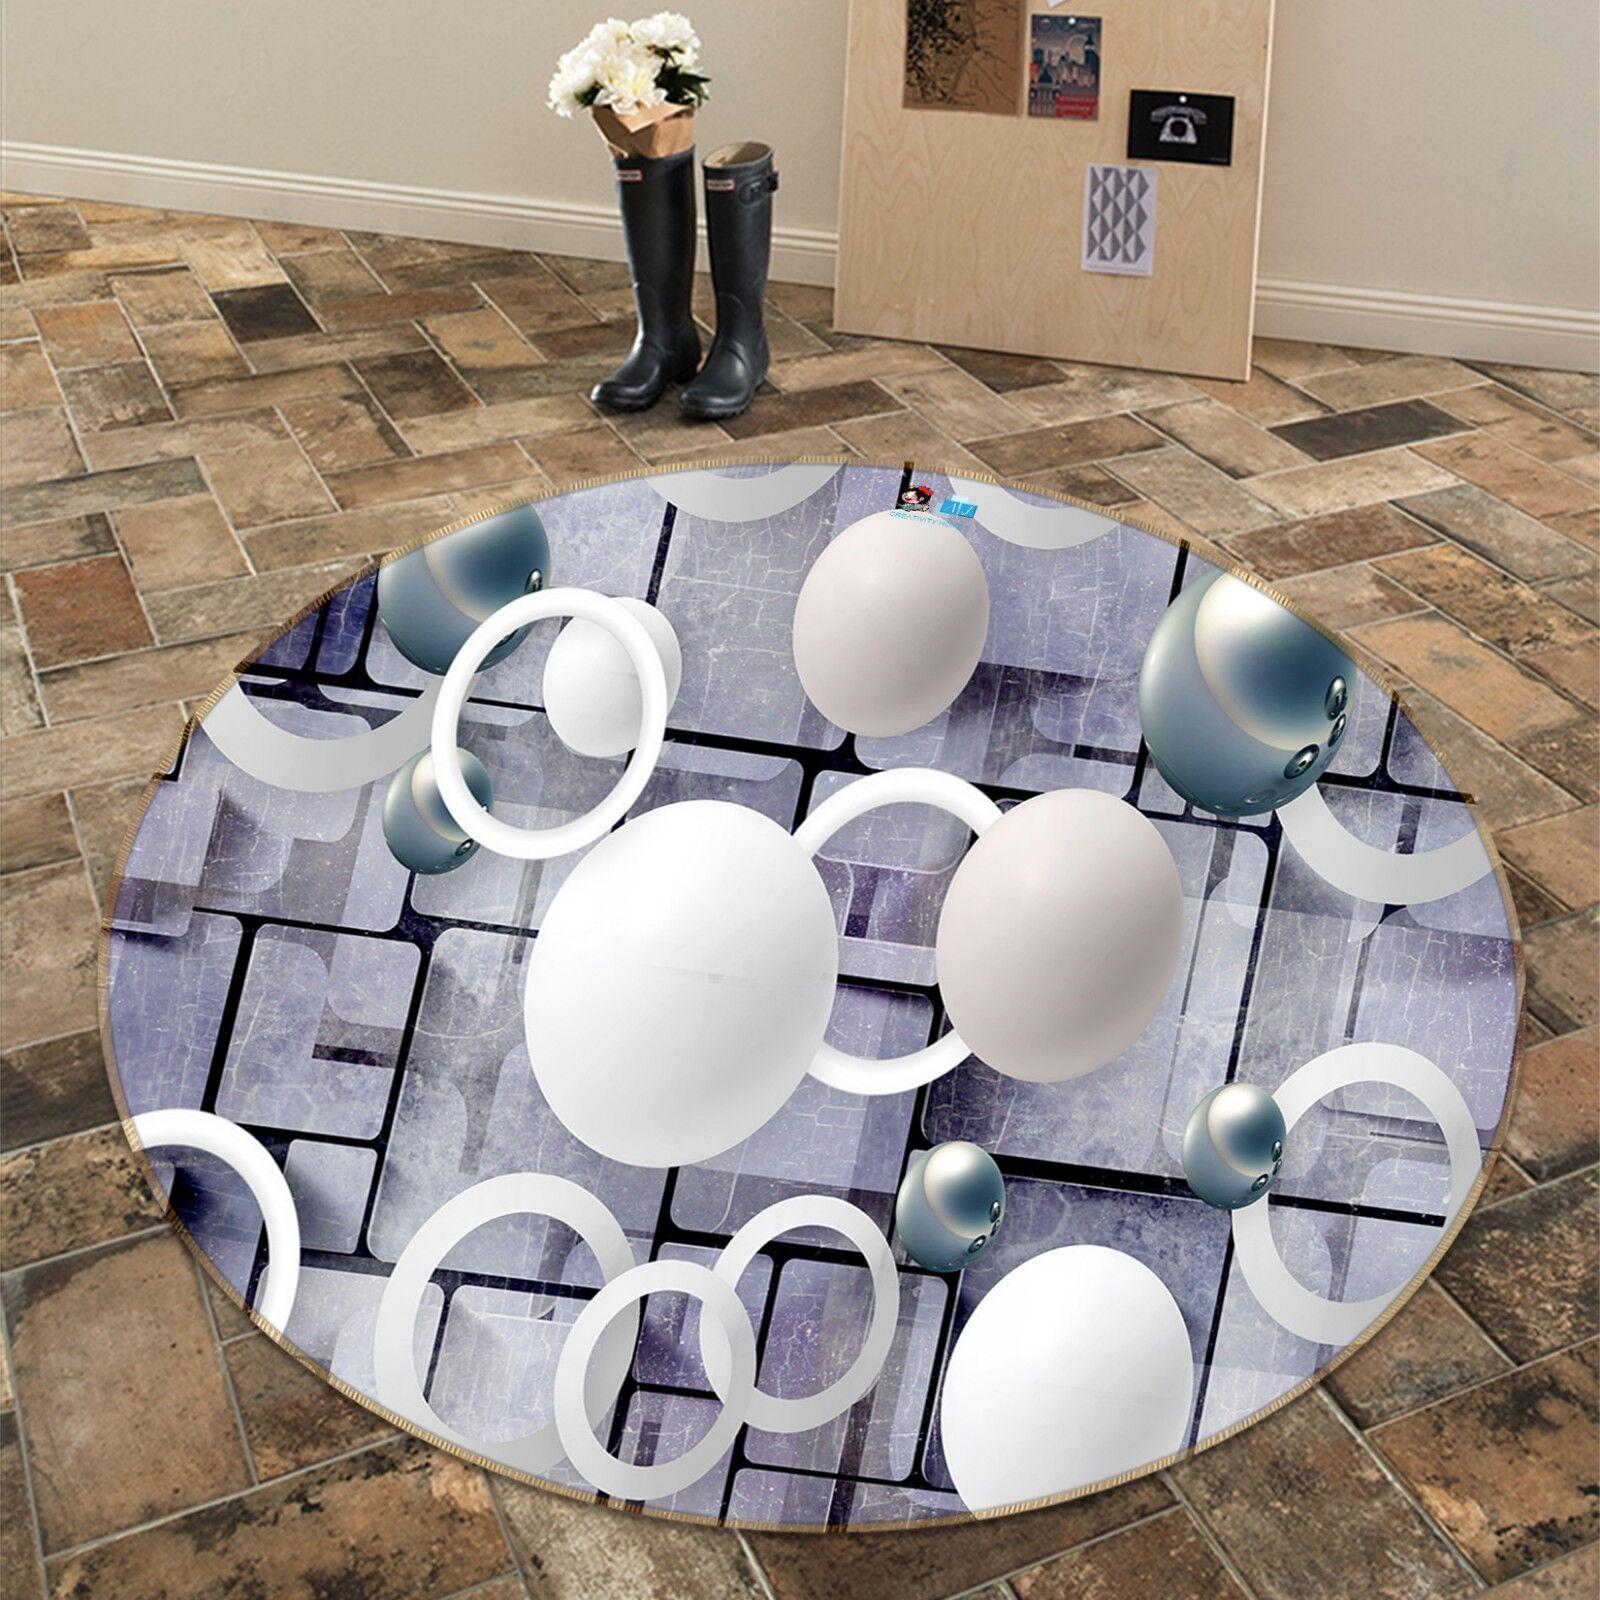 3D palla rossoonda Cube 33 tappetino antiscivolo tappeto camera tappetino tappeto rossoondo elegante foto Regno Unito